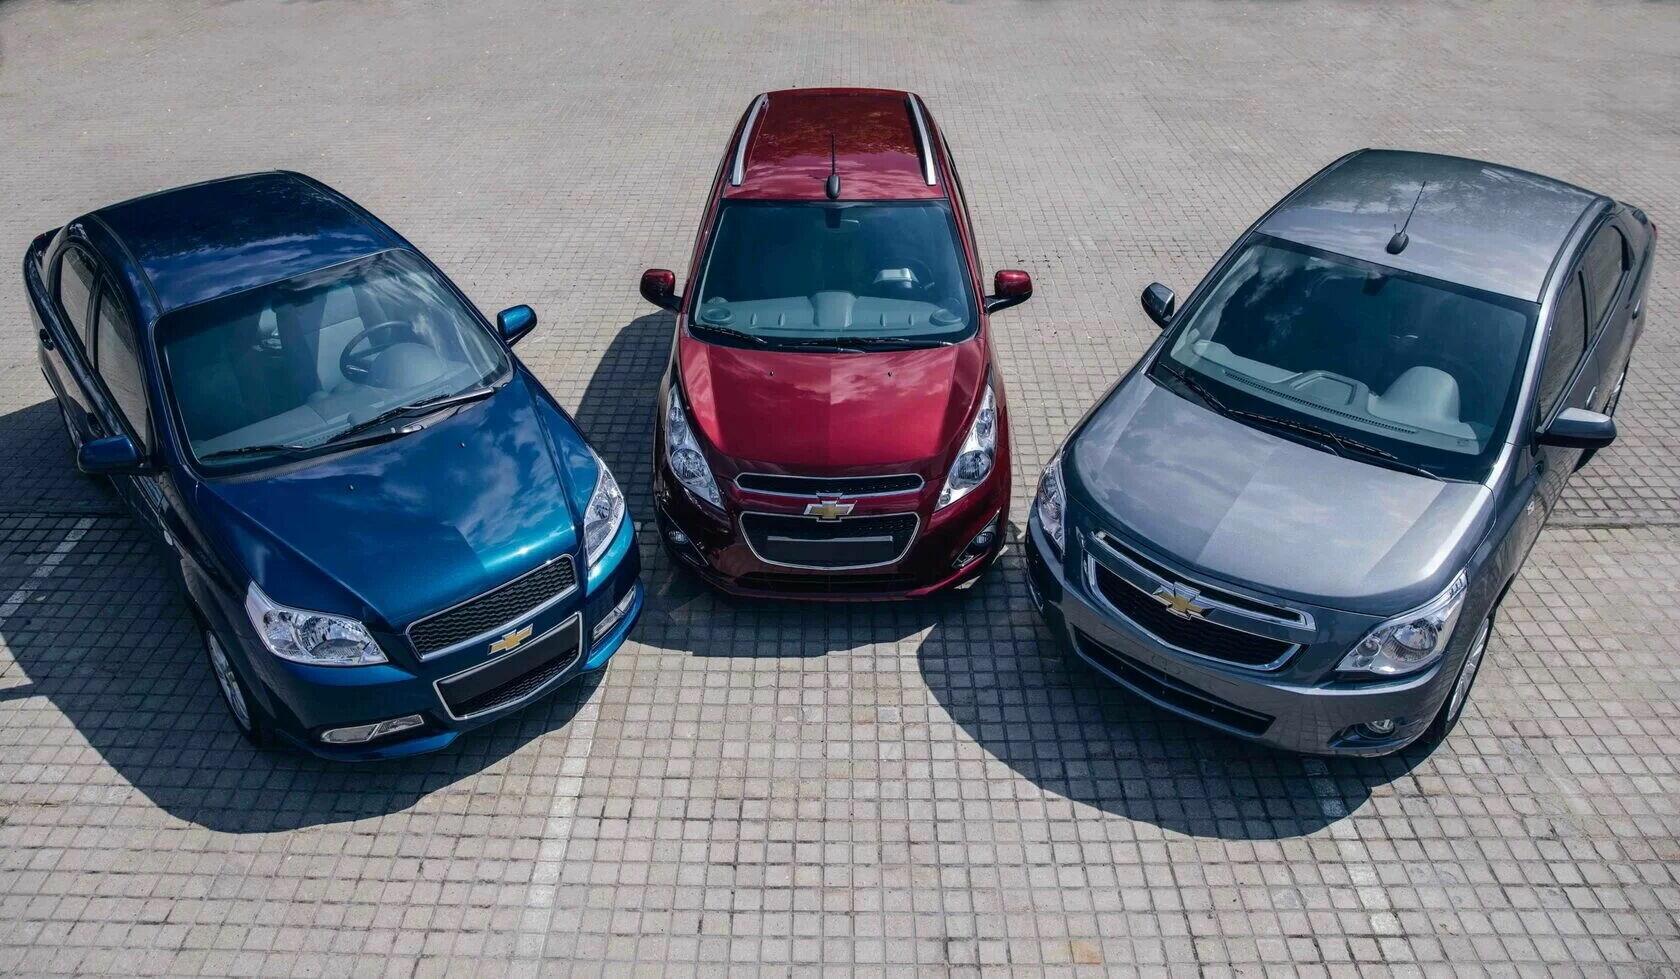 Первоначально на рынке будут представлены три модели Spark, Cobalt и Nexia